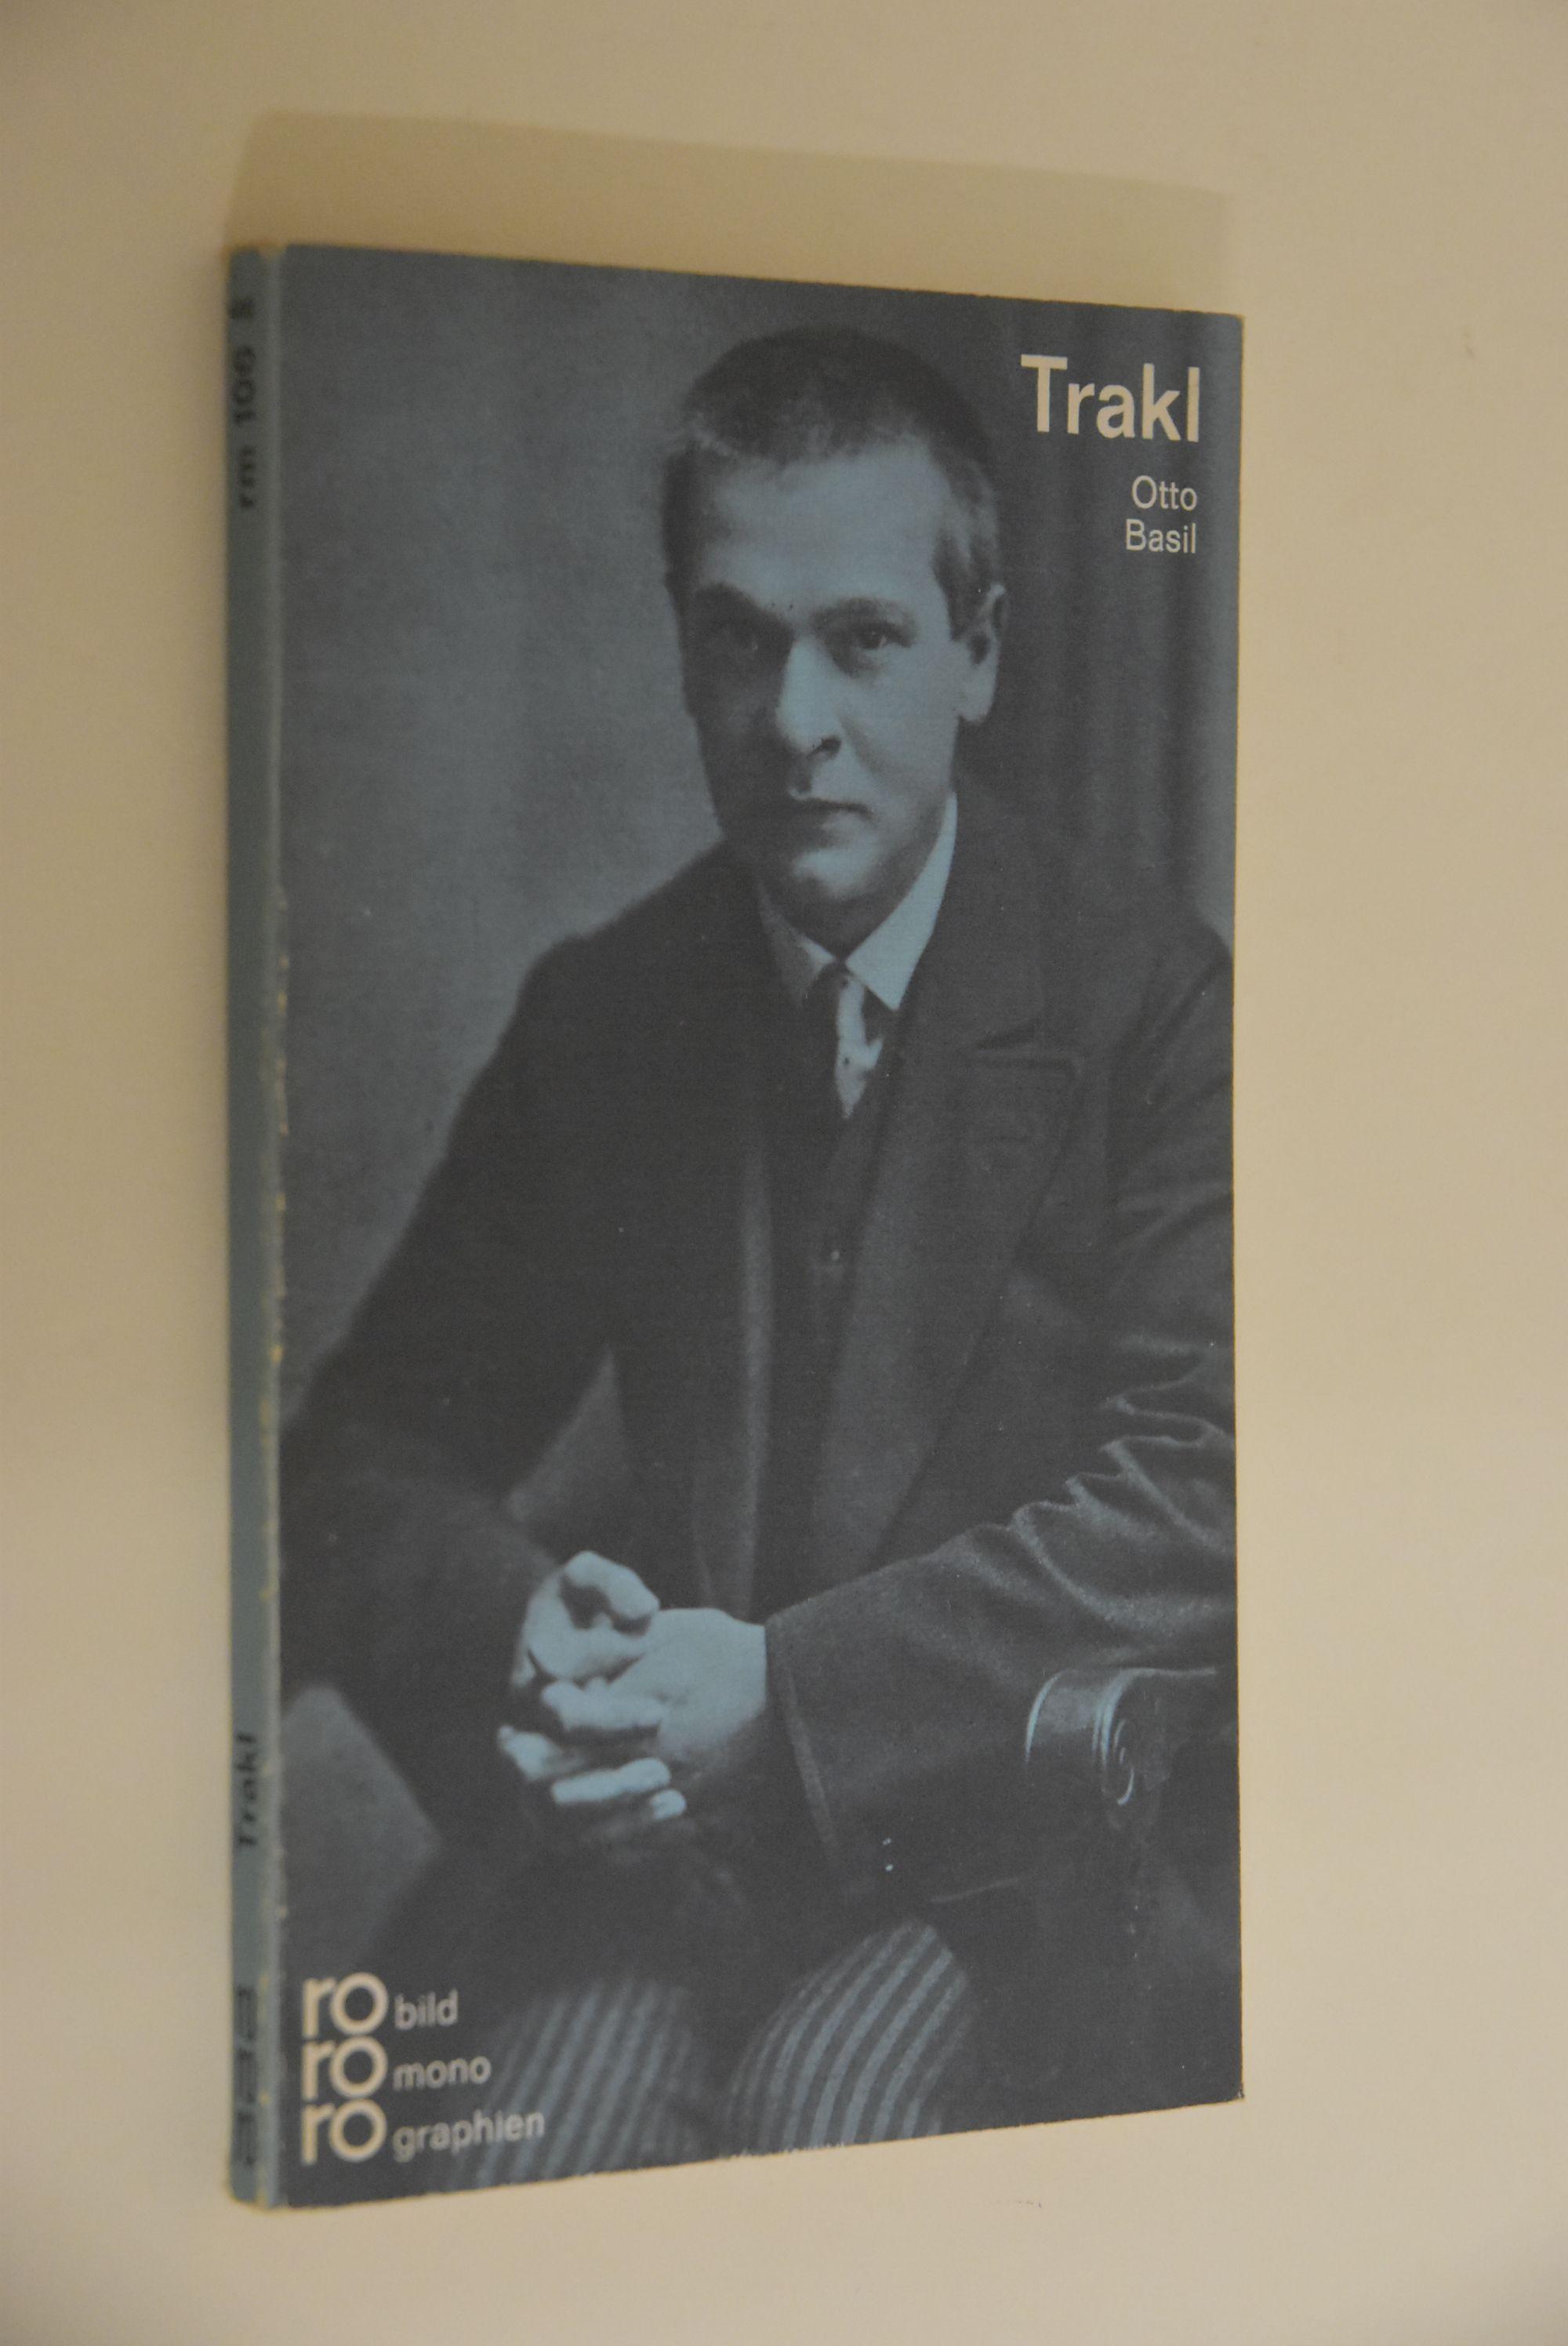 Georg Trakl in Selbstzeugnissen und Bilddokumenten. dargestellt von. [Den Anh. besorgte d. Autor] / rowohlts monographien ; 106 - Basil, Otto